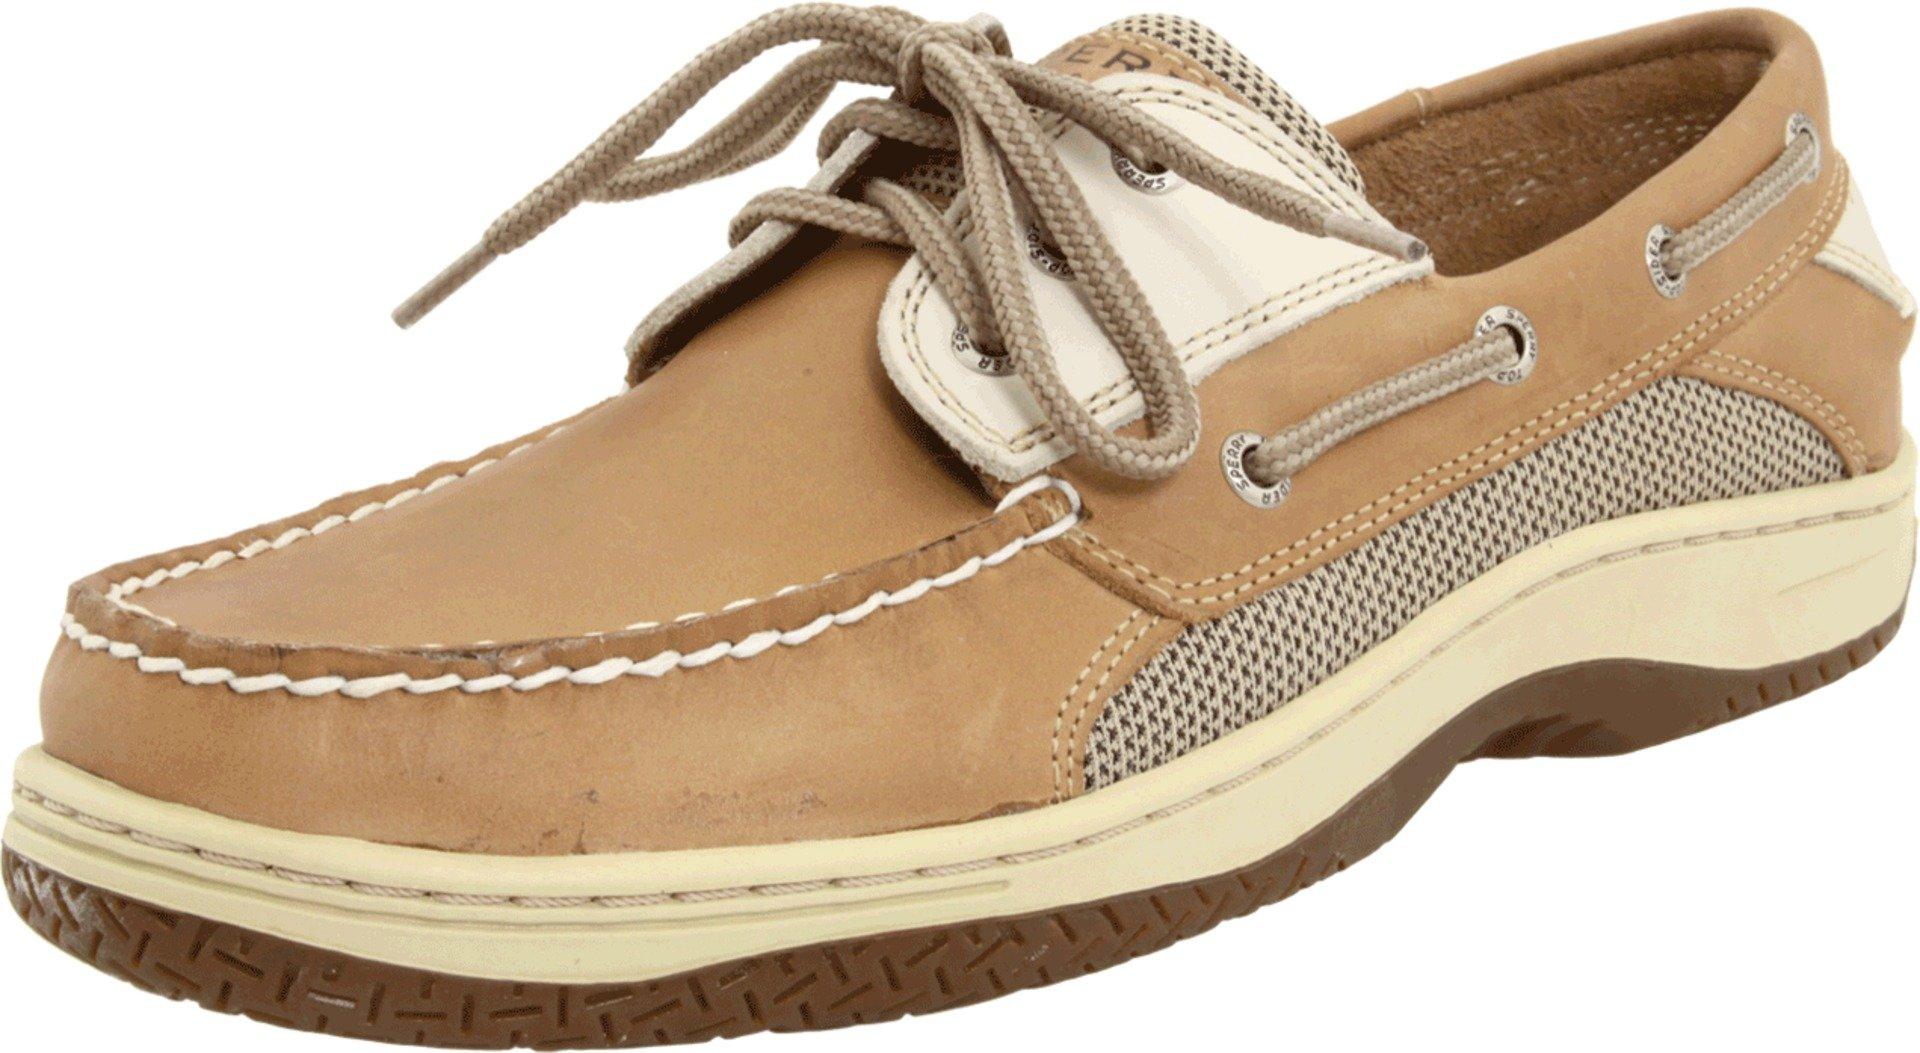 Sperry Top-Sider Men's Billfish 3-Eye Boat Shoe, Tan/Beige, 8.5 W US